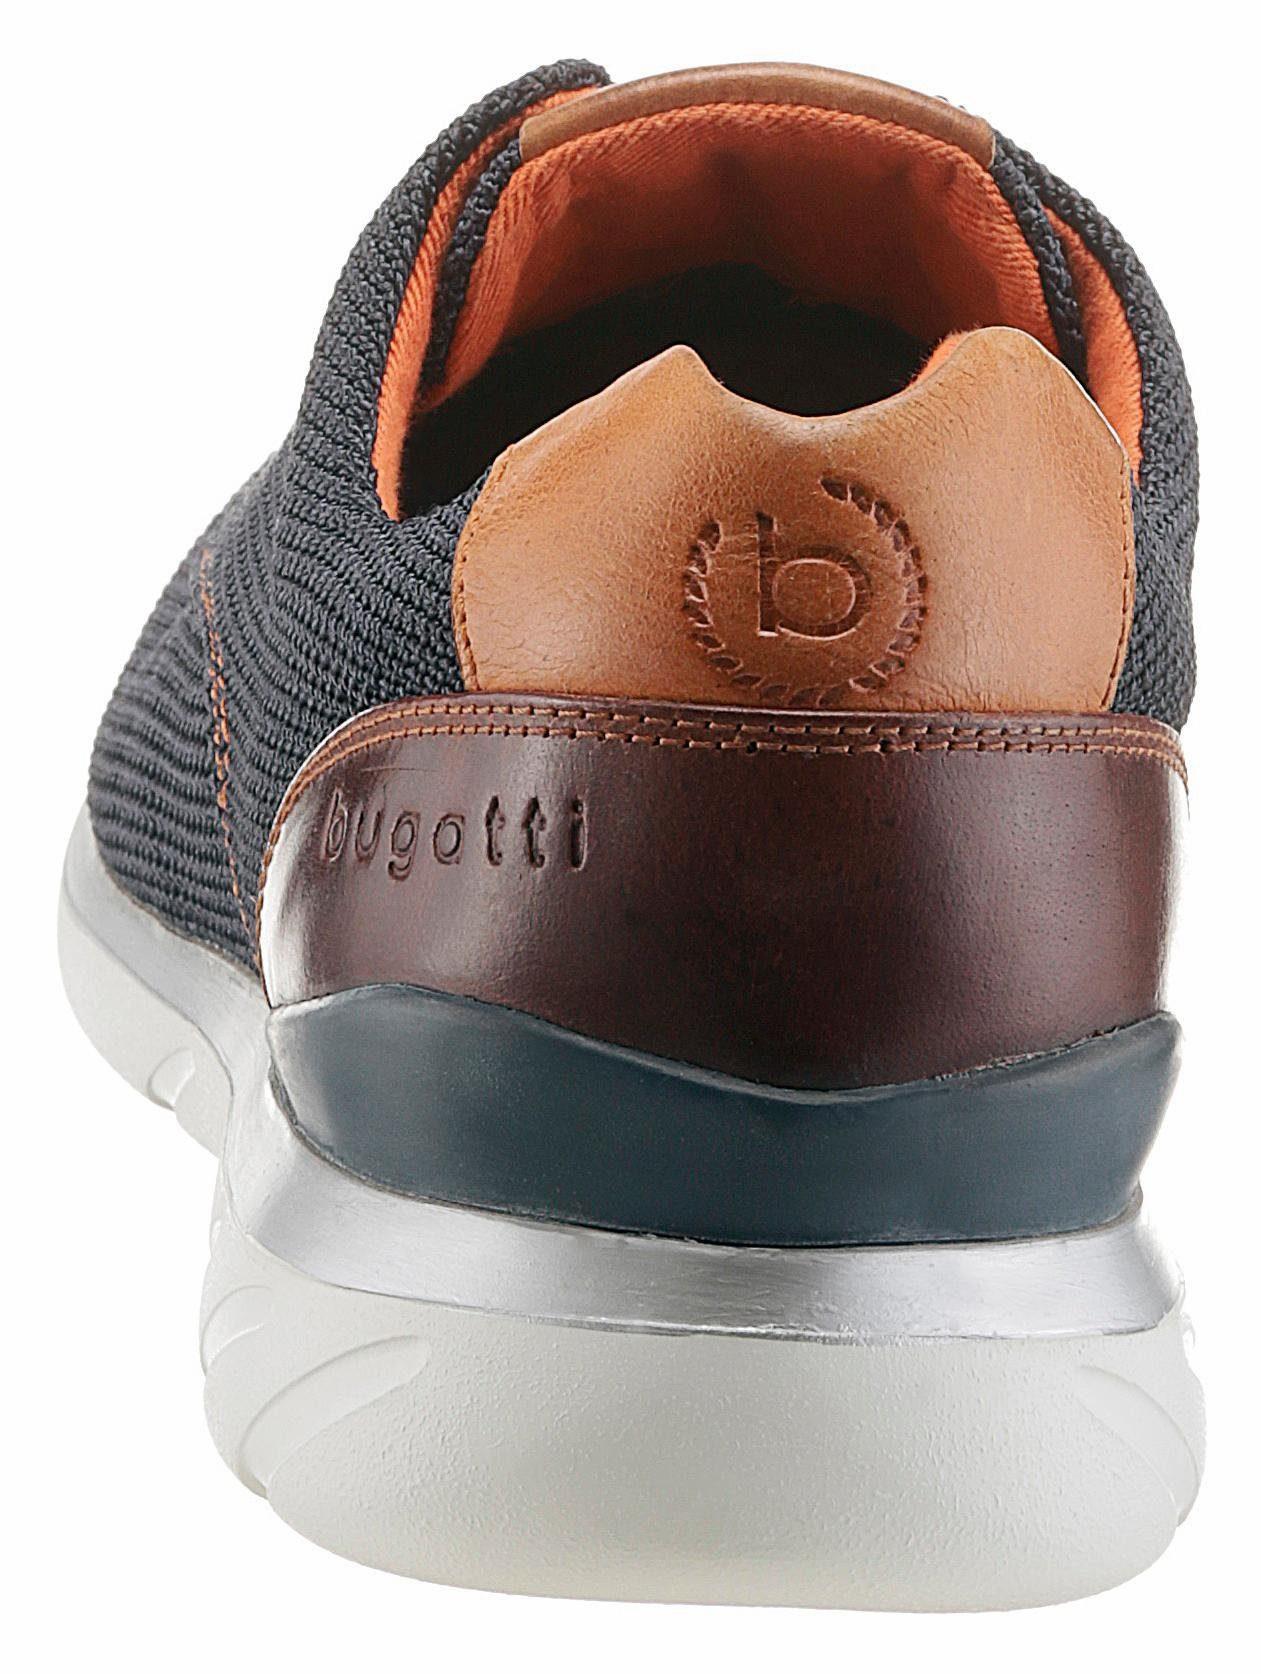 Bugatti Sneaker, mit bequemer Soft-Fit Funktion  navy